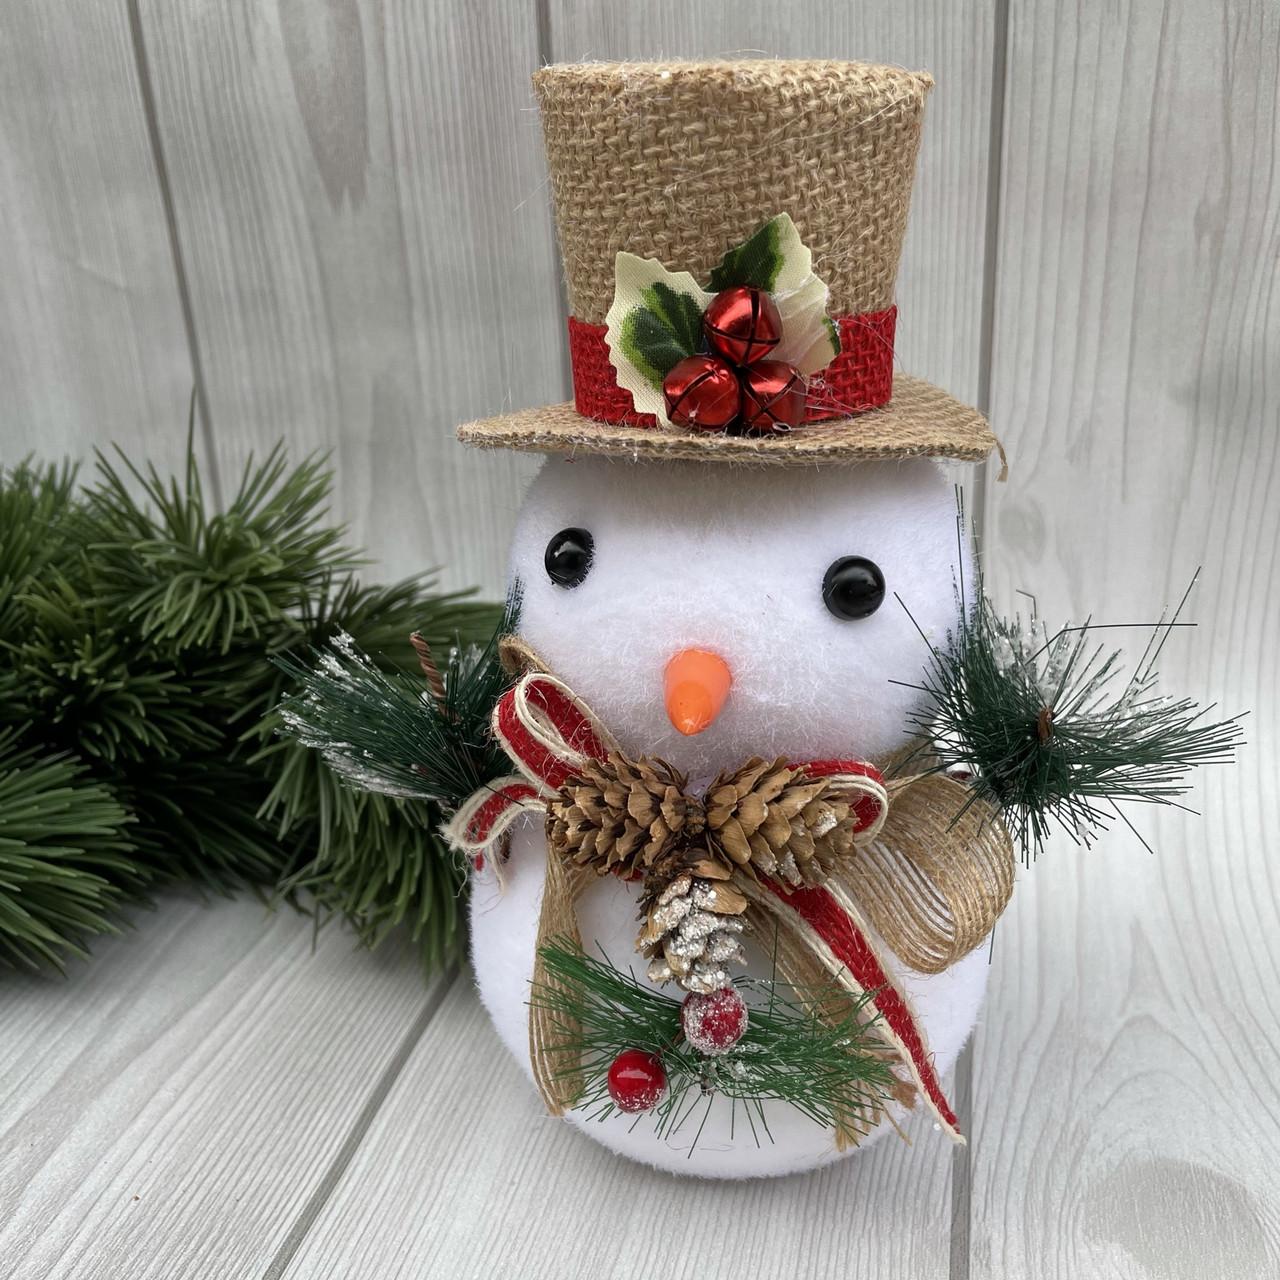 Игрушка новогодняя. снеговик в шляпе 20 см